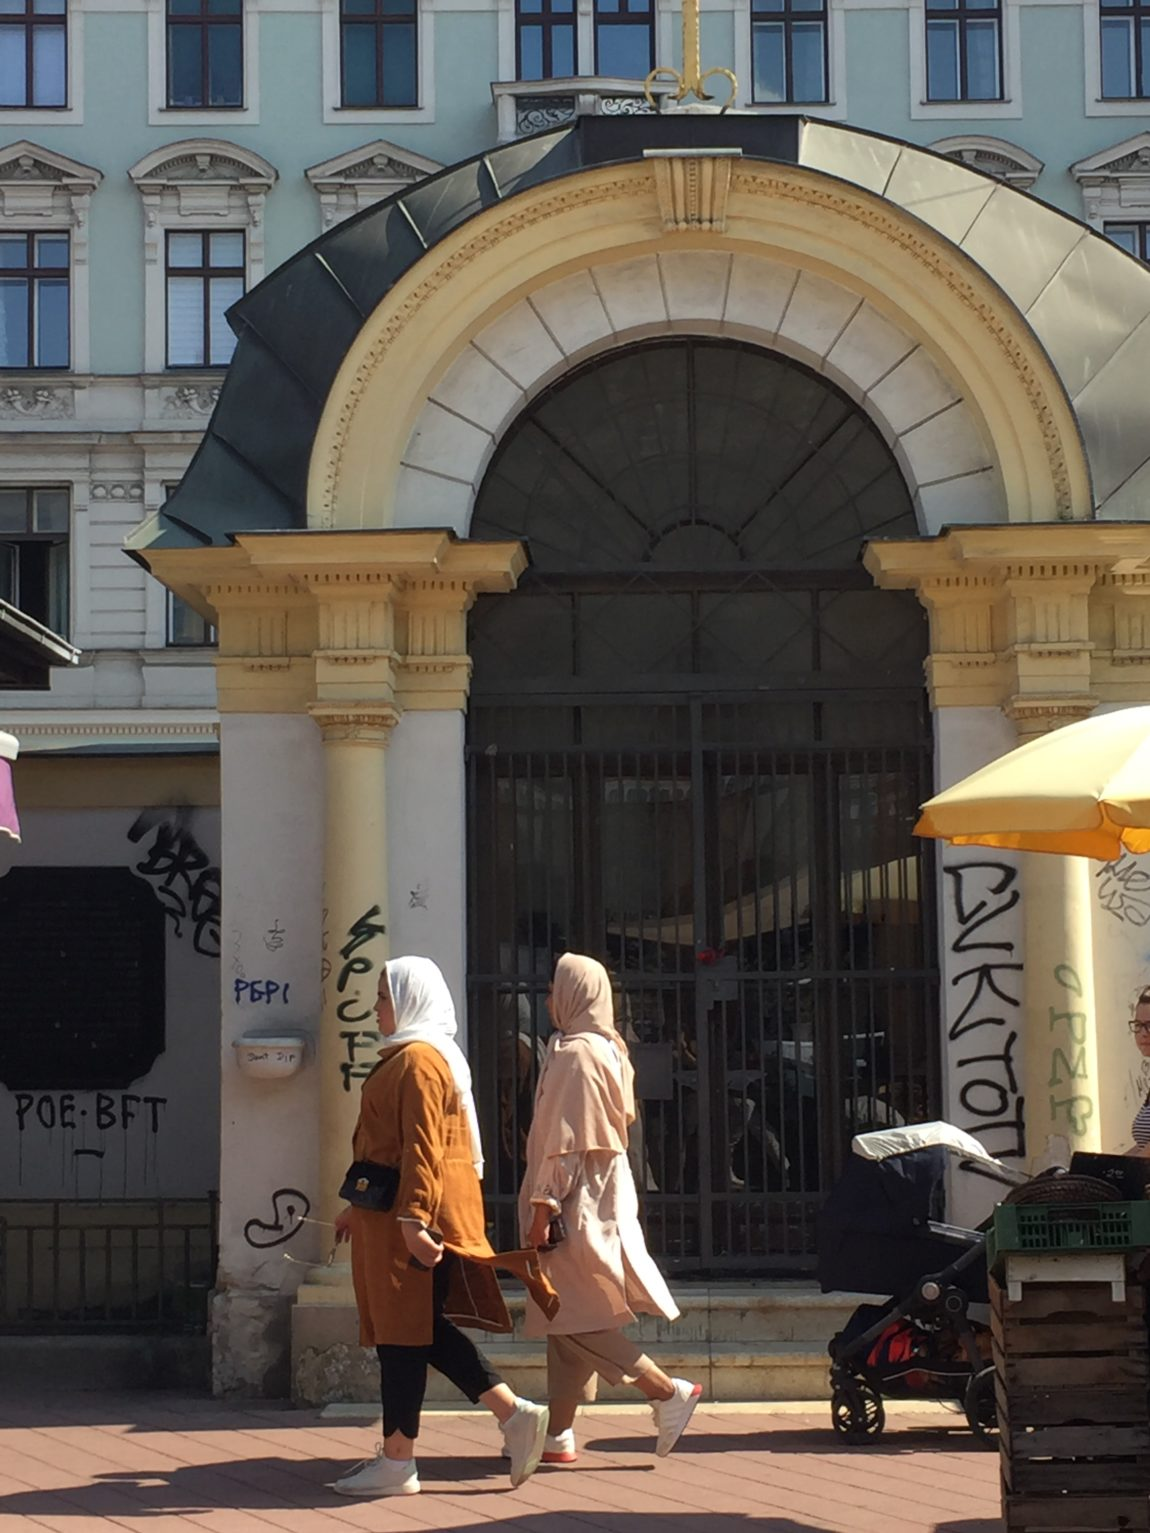 Wien Naturseifen reisen Duschriegel